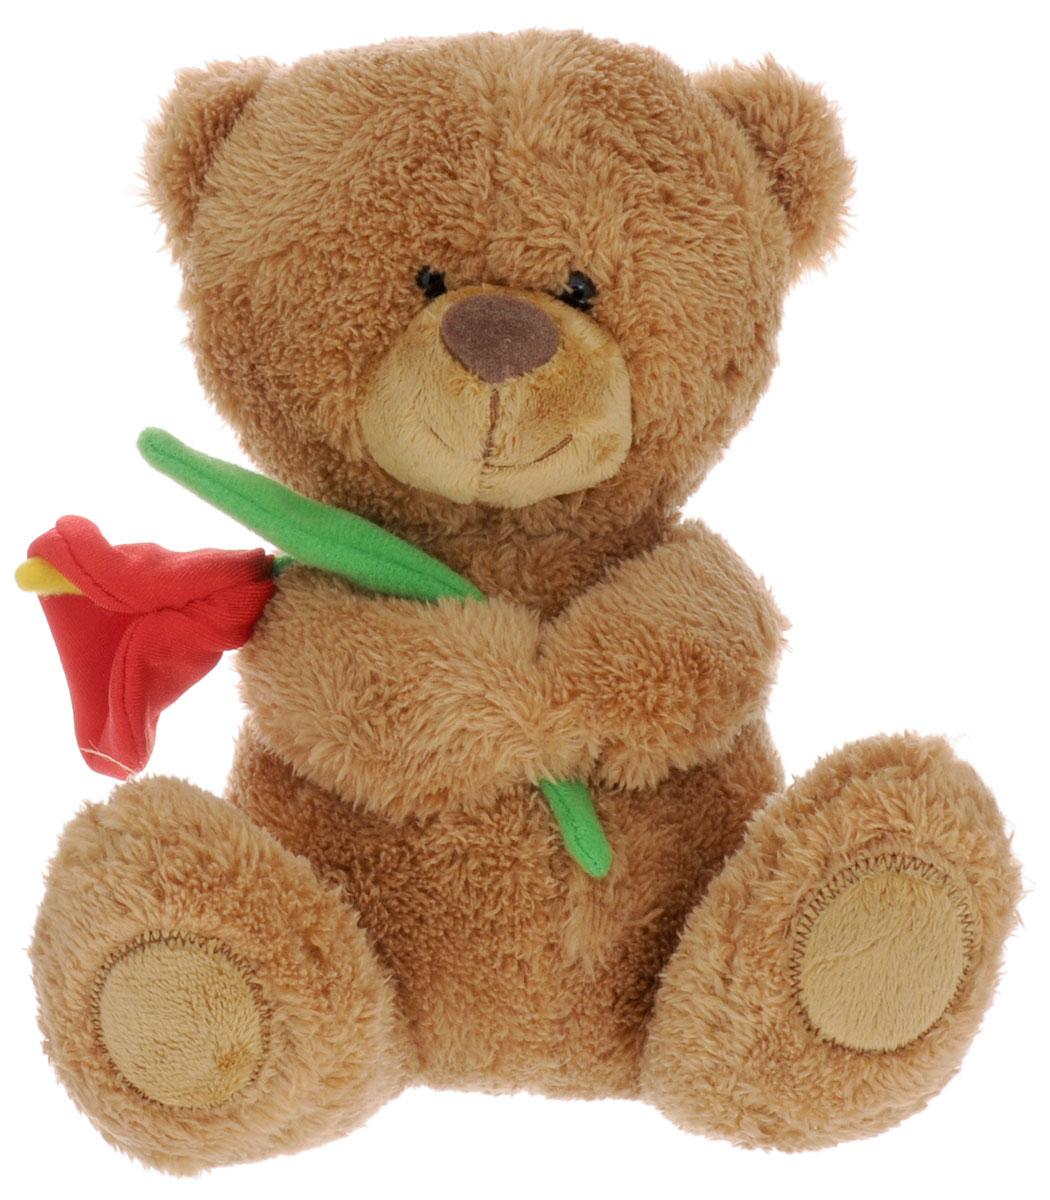 Lava Мягкая озвученная игрушка Медвежонок Сэмми с красной каллой 18 смLA 8733NМягкая озвученная игрушка Lava Медвежонок Сэмми вызовет умиление и улыбку у каждого, кто ее увидит. Игрушка выполнена в виде милого мишки коричневого цвета, держащего в лапах цветок. Игрушка изготовлена из мягкого, приятного на ощупь искусственного меха и текстиля. Нажав на живот мишки, вы услышите замечательную песенку и признание в любви. Удивительно мягкая игрушка принесет радость и подарит своему обладателю мгновения нежных объятий и приятных воспоминаний. Великолепное качество исполнения делают эту игрушку чудесным подарком к любому празднику. Игрушка работает от незаменяемых батареек.